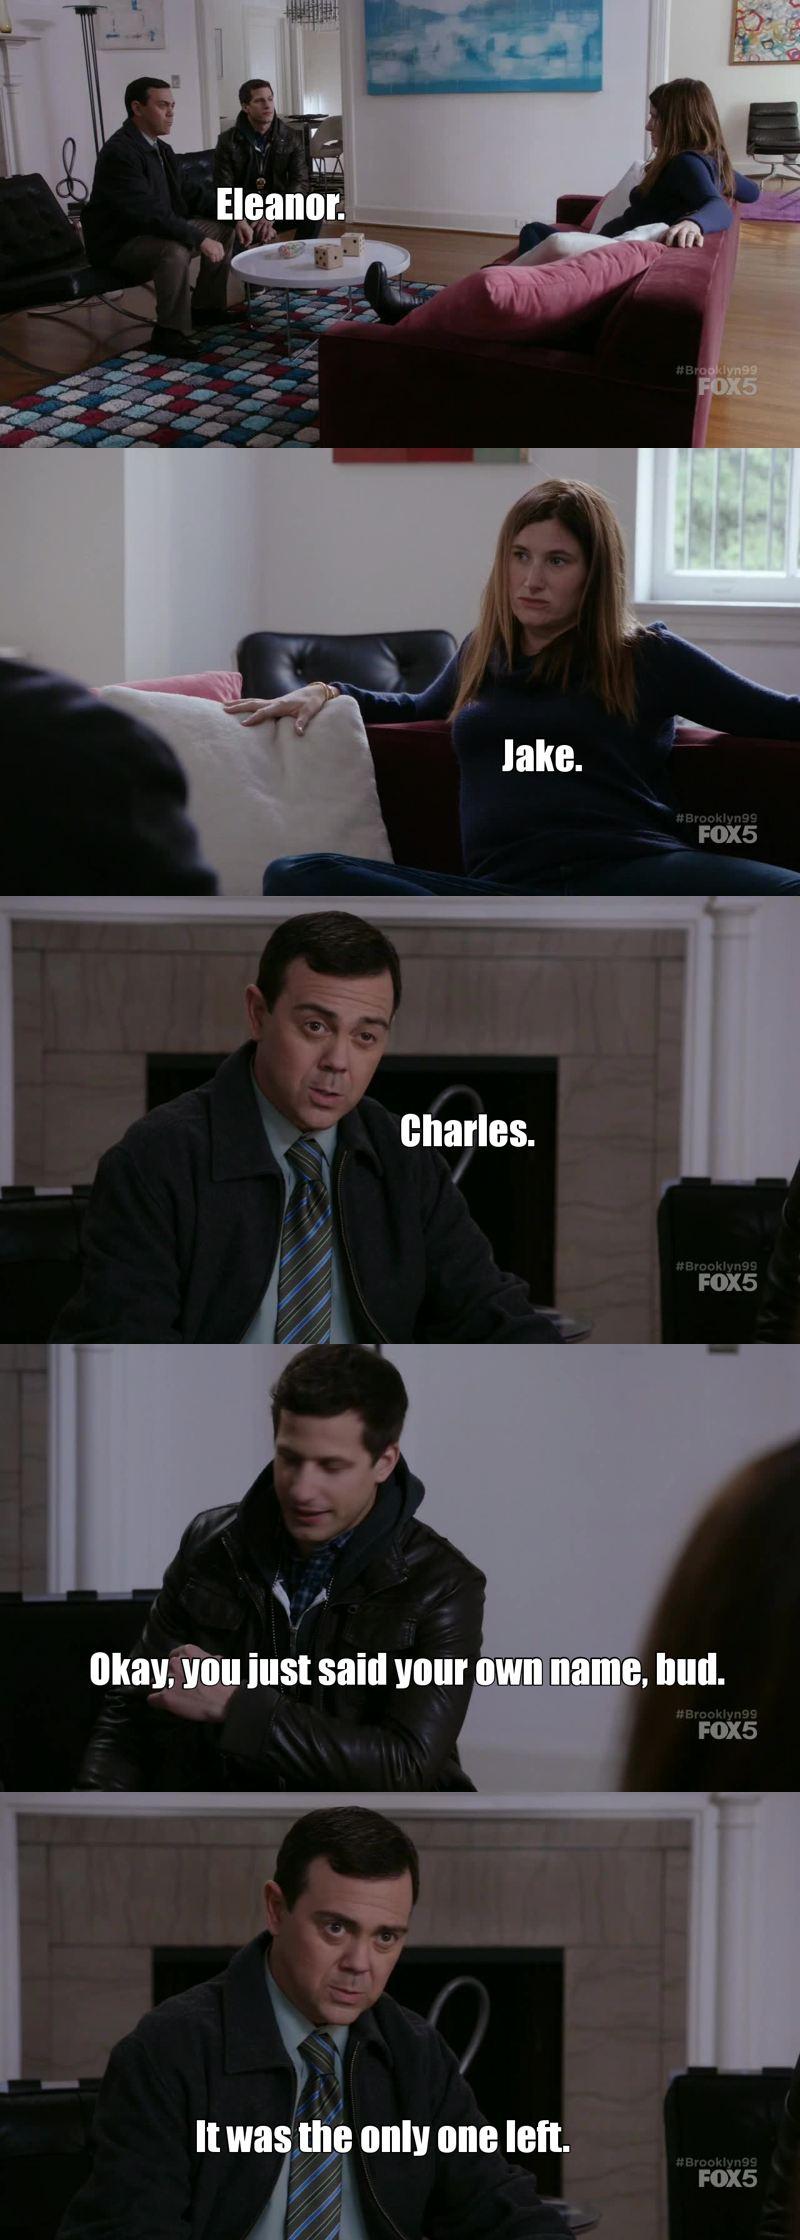 Hilarious !!!